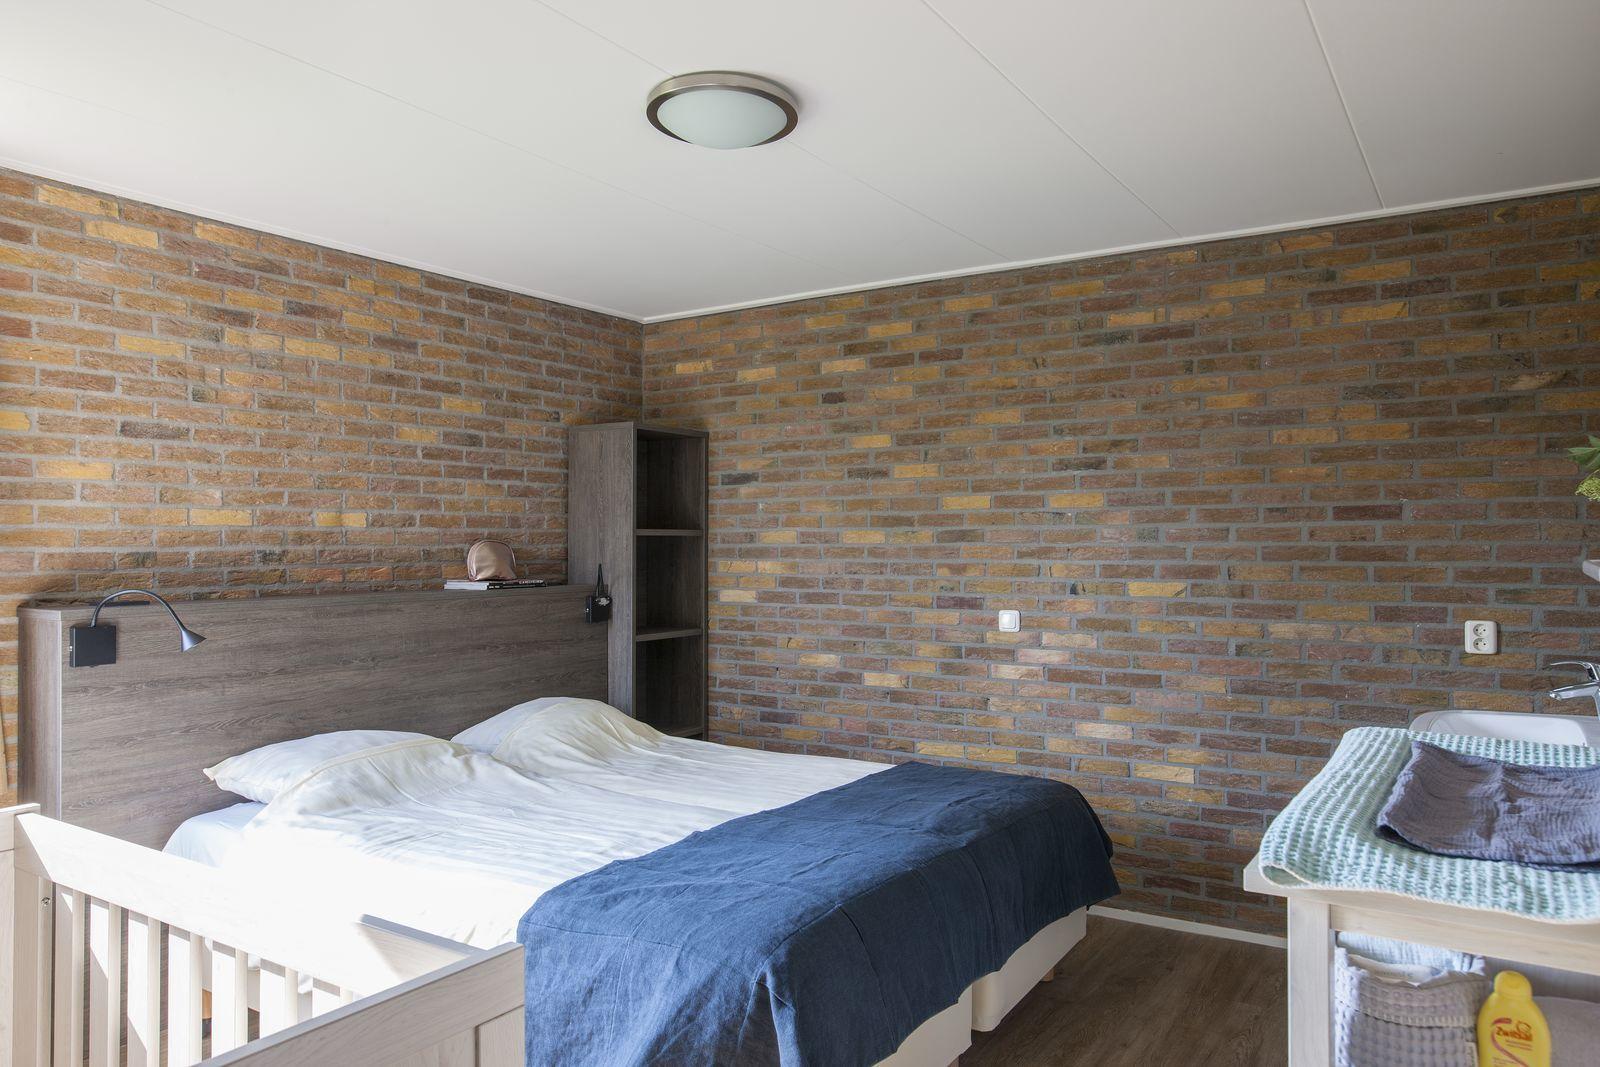 16-Persoons Familiehuis Comfort